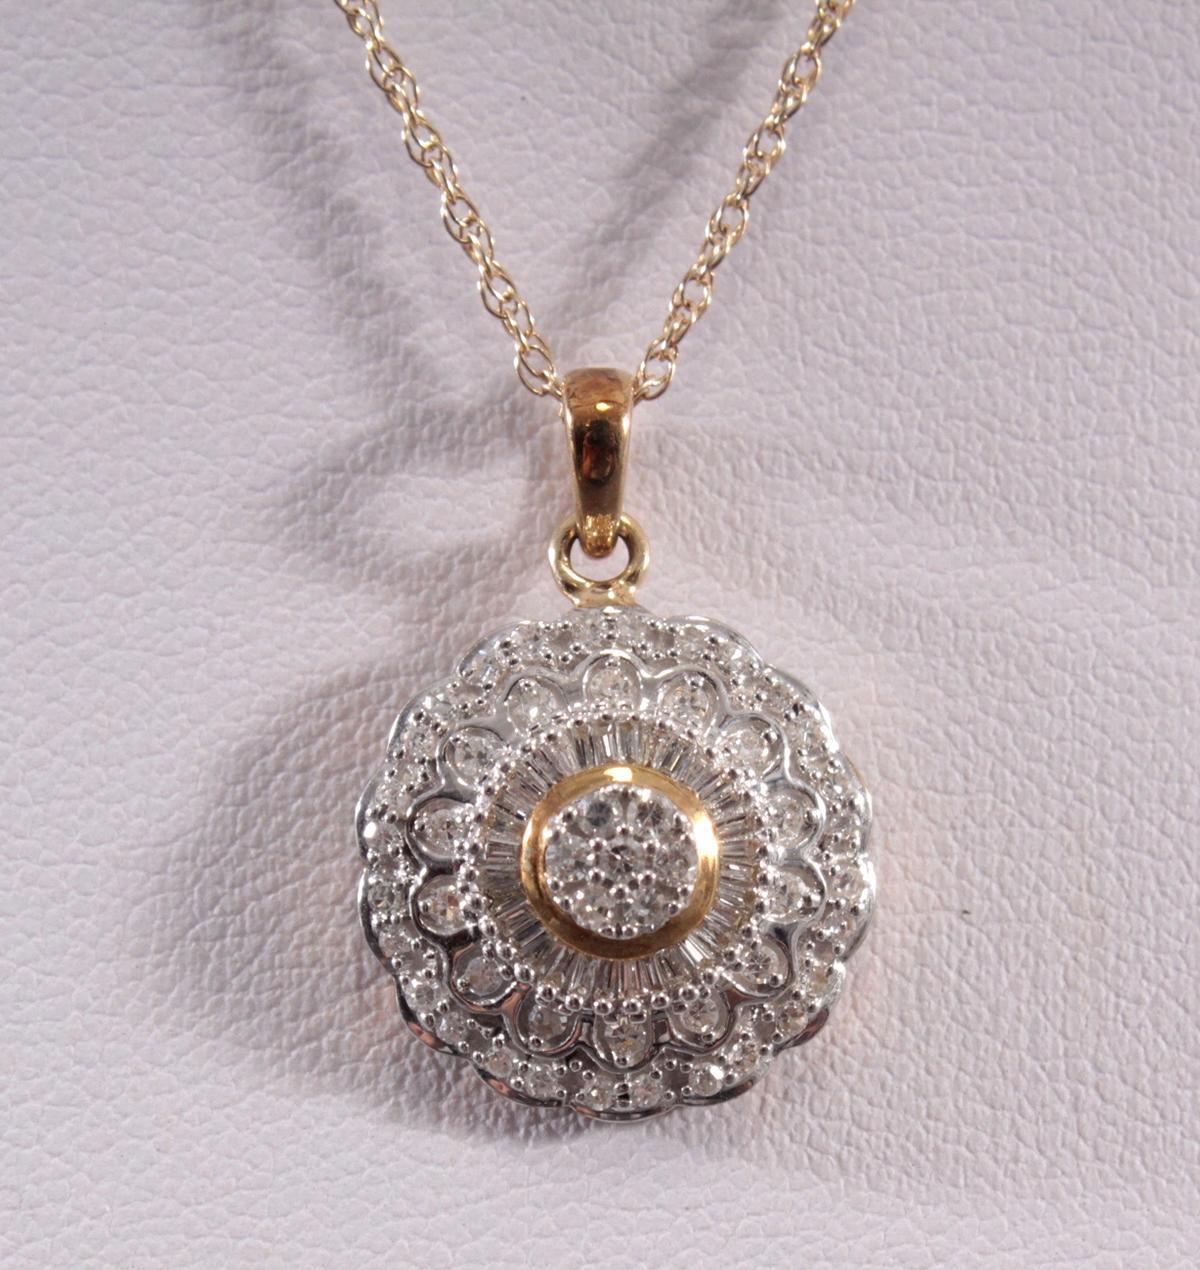 Halskette mit Diamantanhänger aus 8 Karat Weiß- und Gelbgold-2